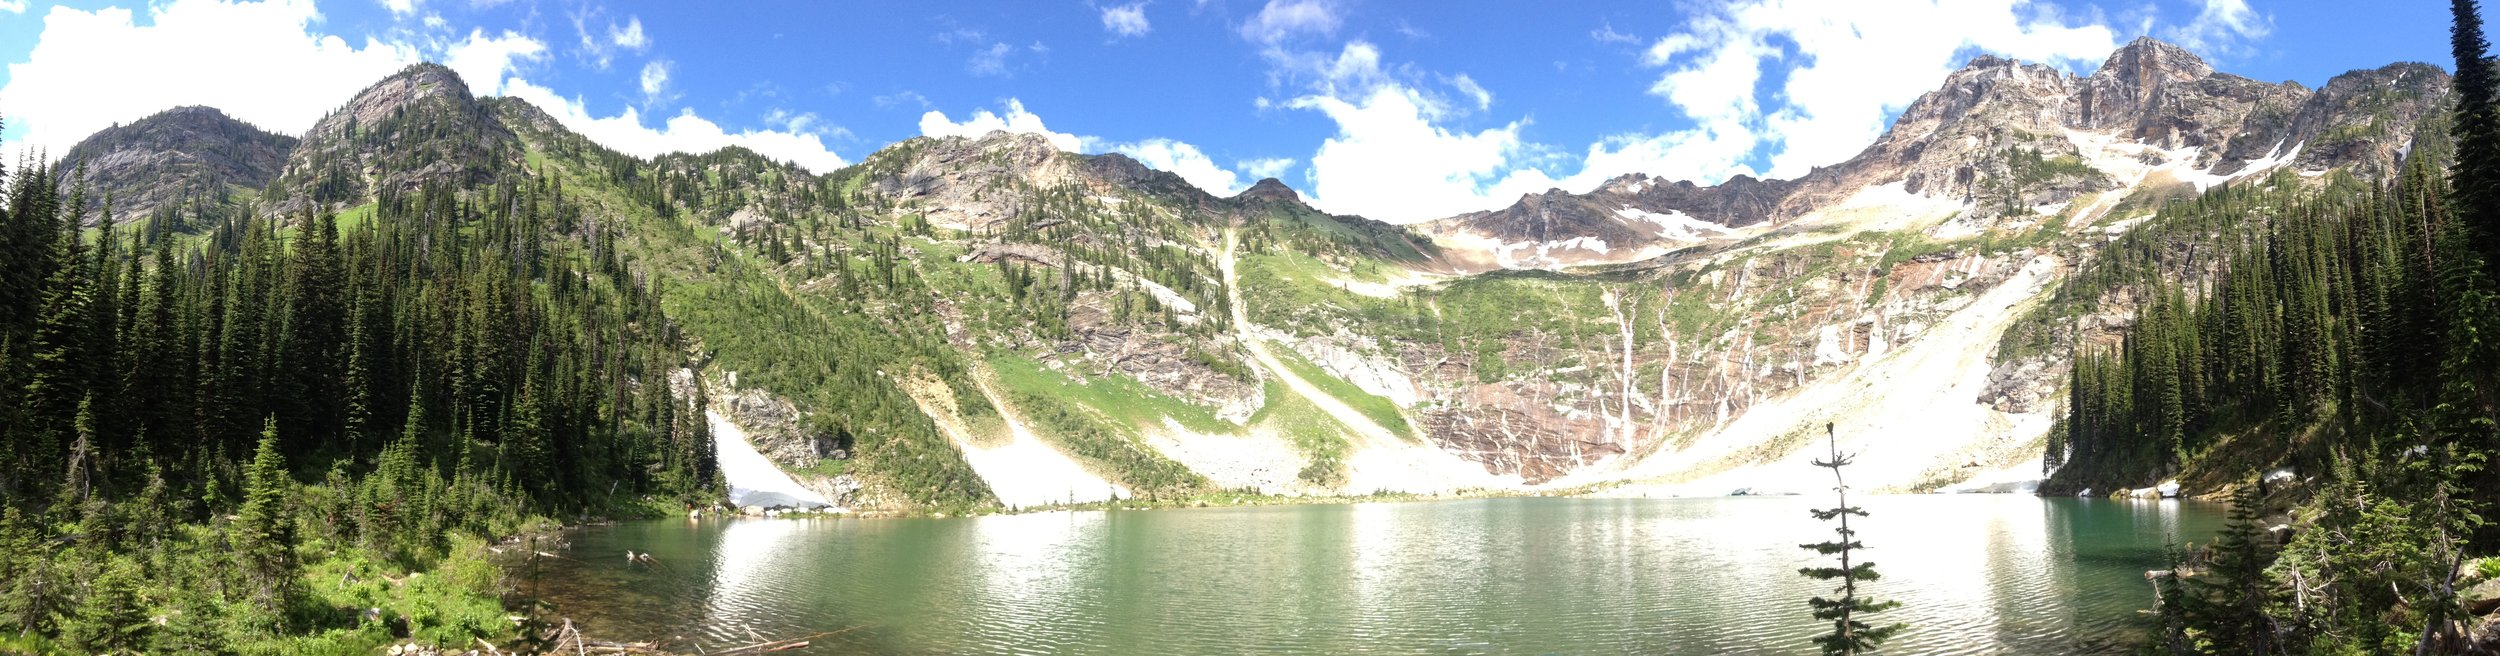 Pinnacle Lake, BC